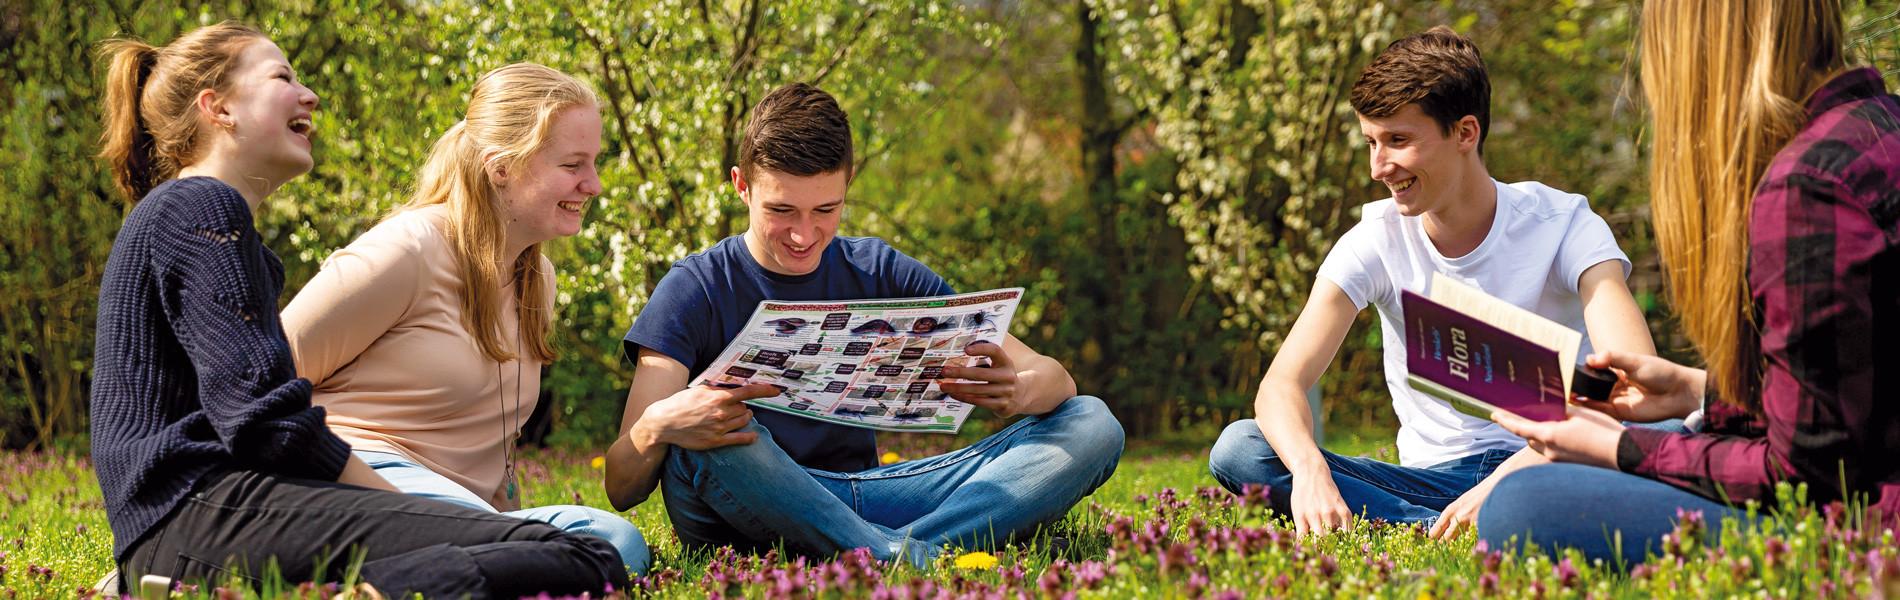 Studenten Aeres MBO Ede werken en relaxen samen